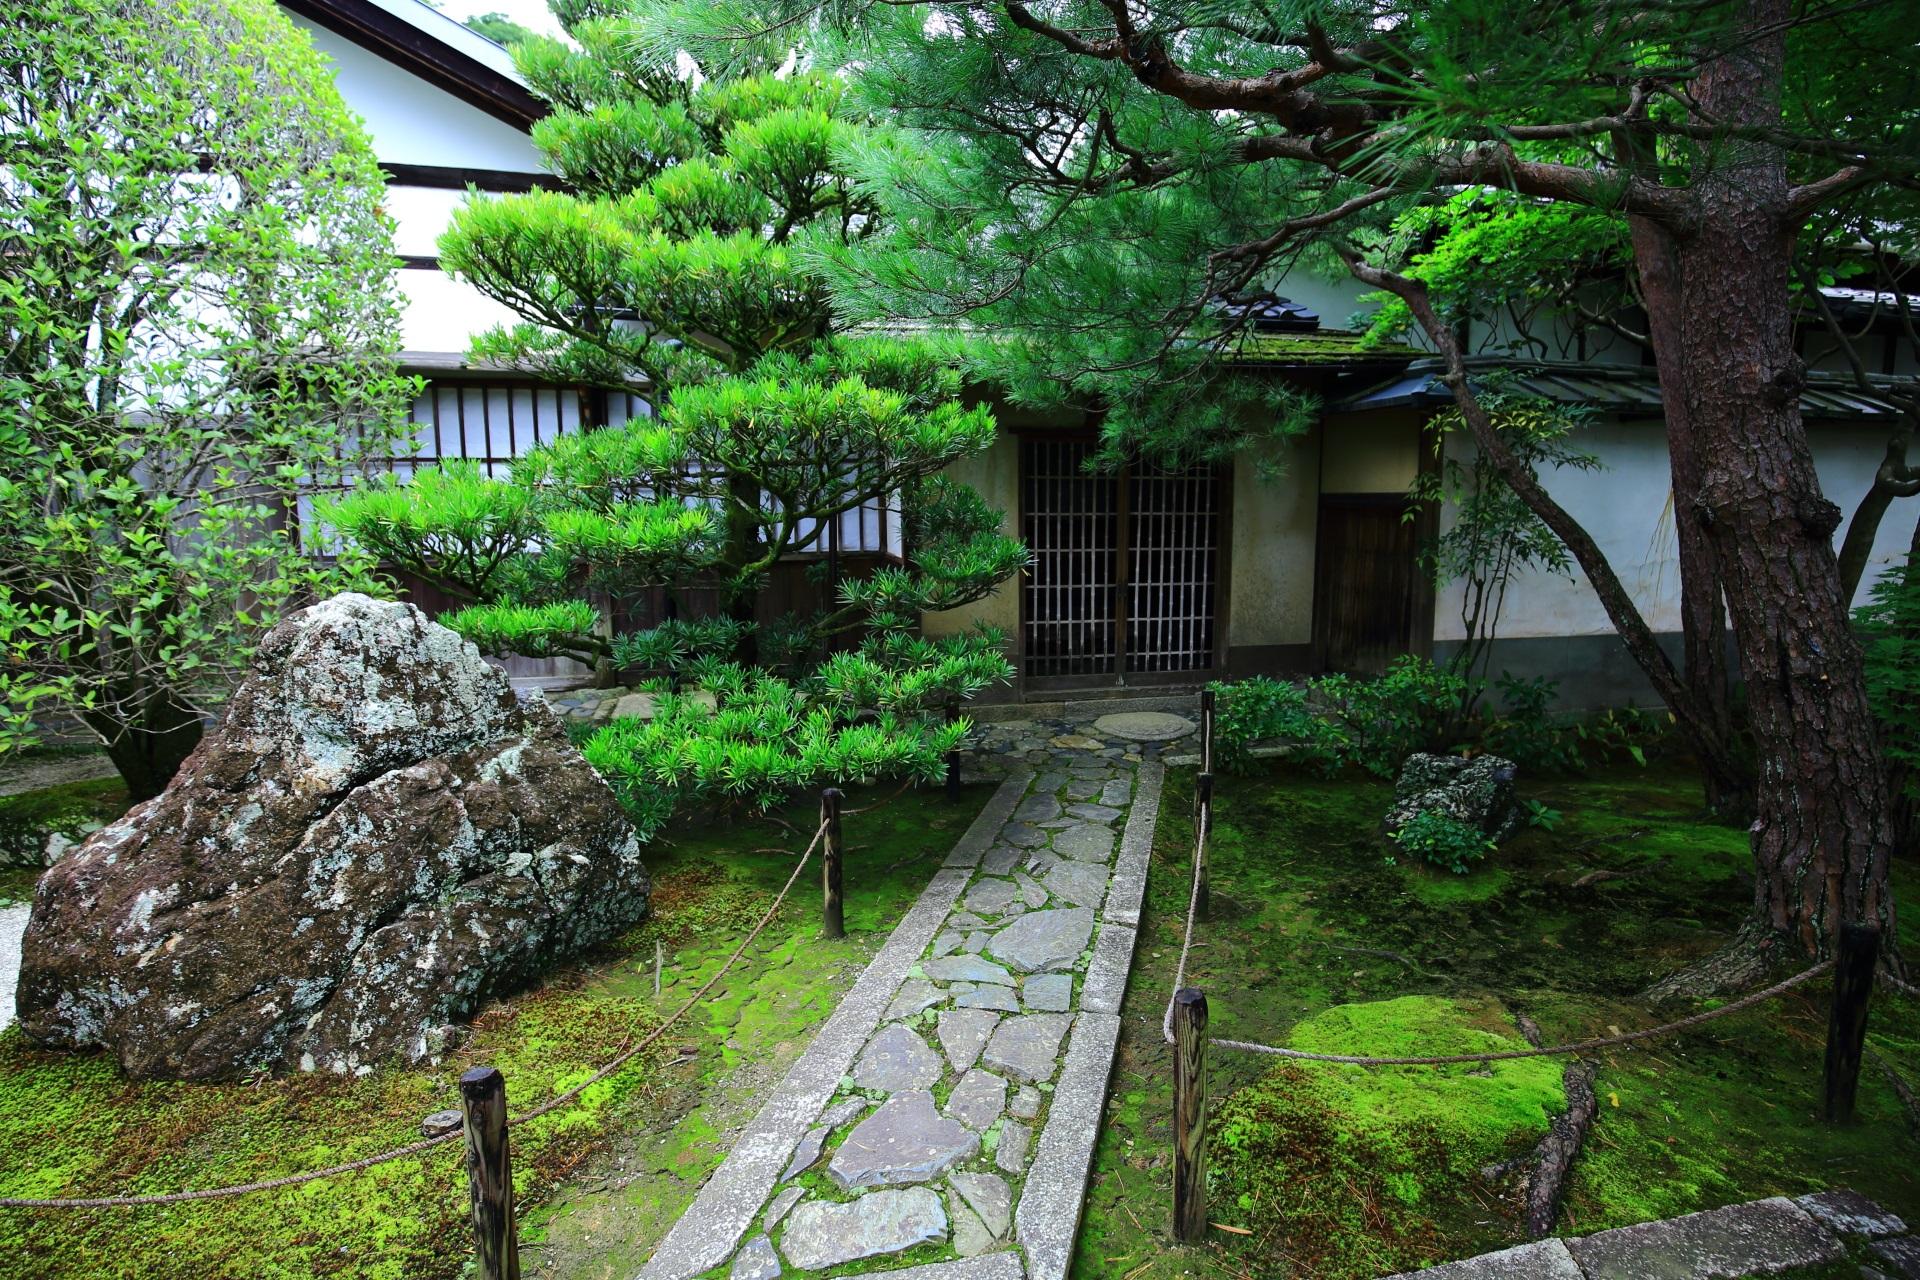 緑と石畳の綺麗な玄関前